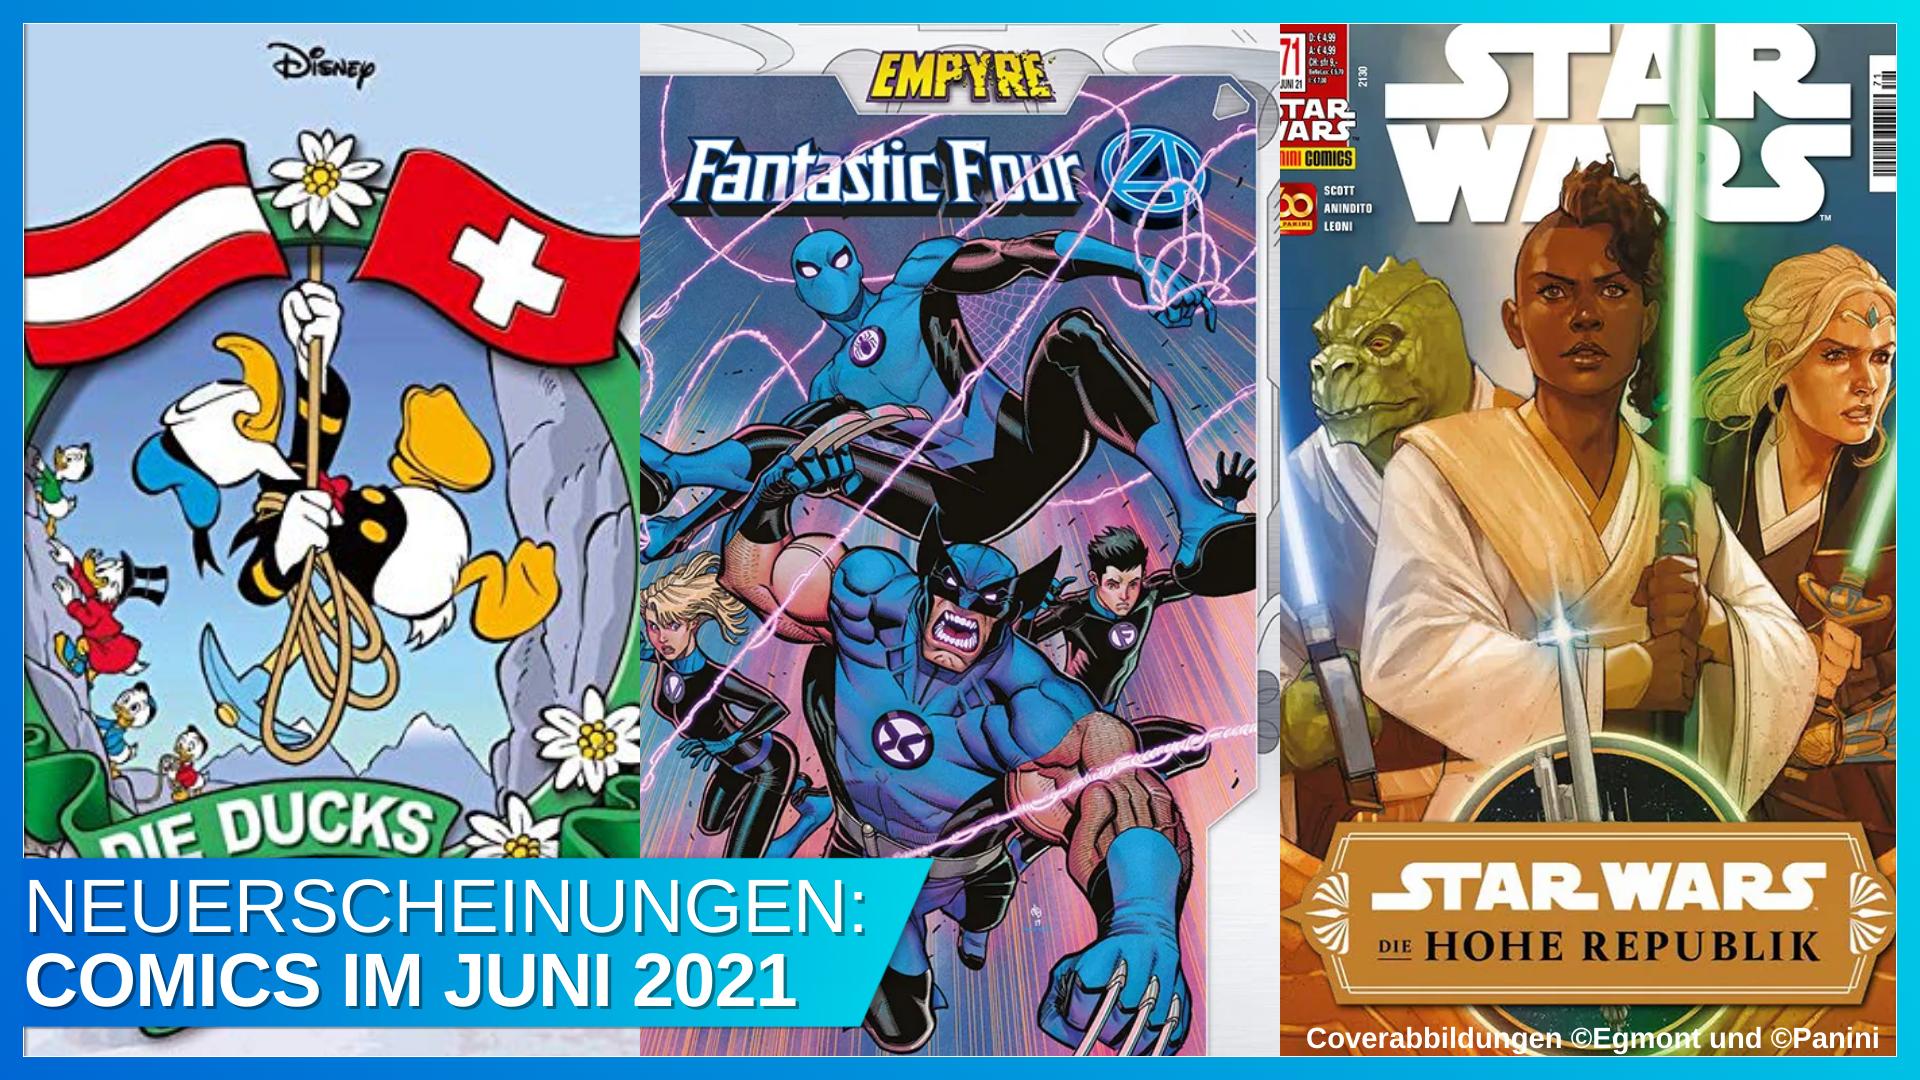 Coverbild Blogbeitrag Comics 06 2021 mit Banner